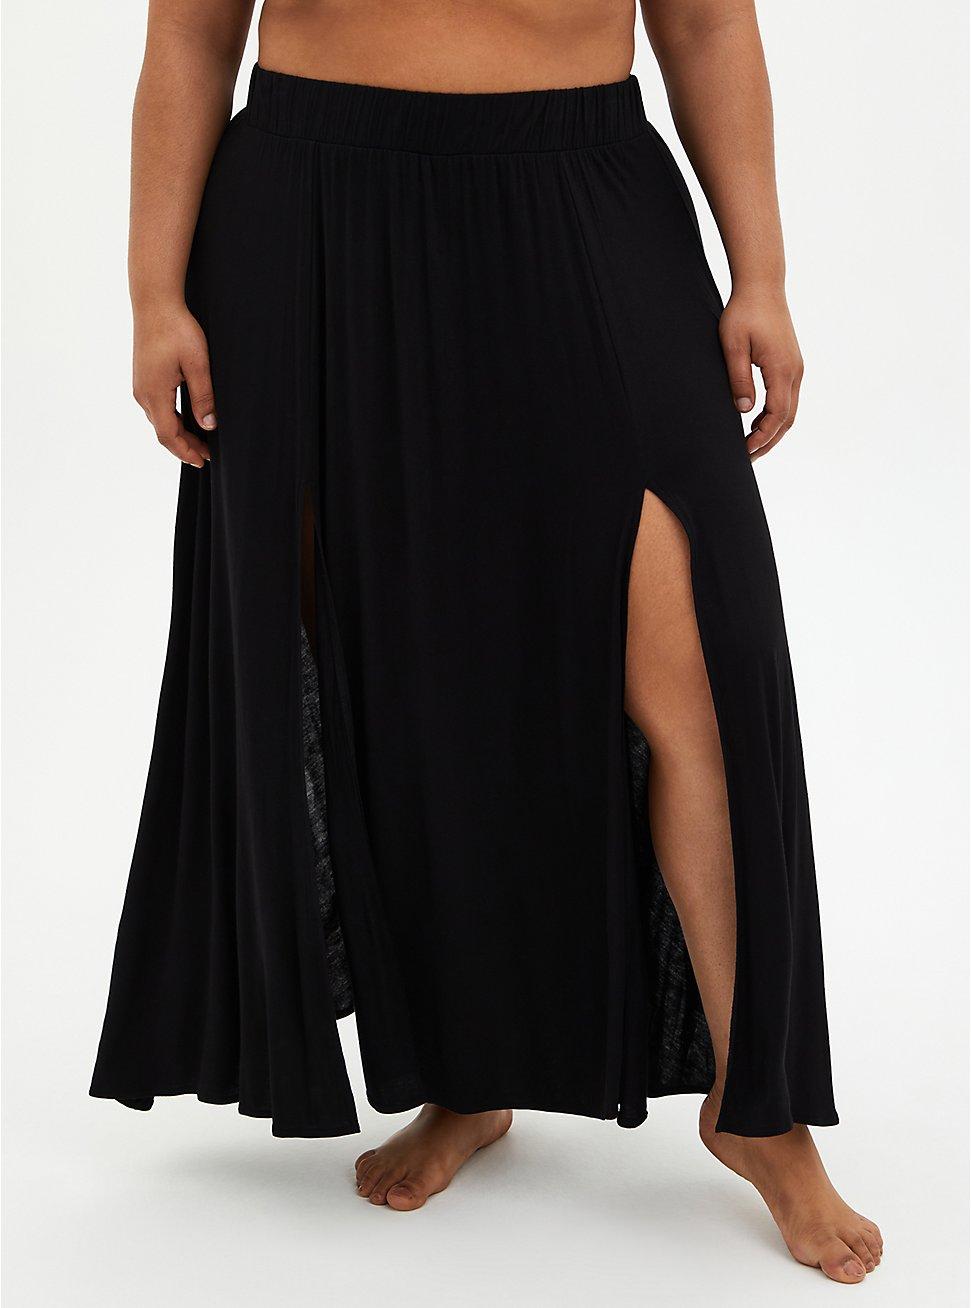 Black Jersey Side Slit Skirt Swim Cover-Up, DEEP BLACK, hi-res